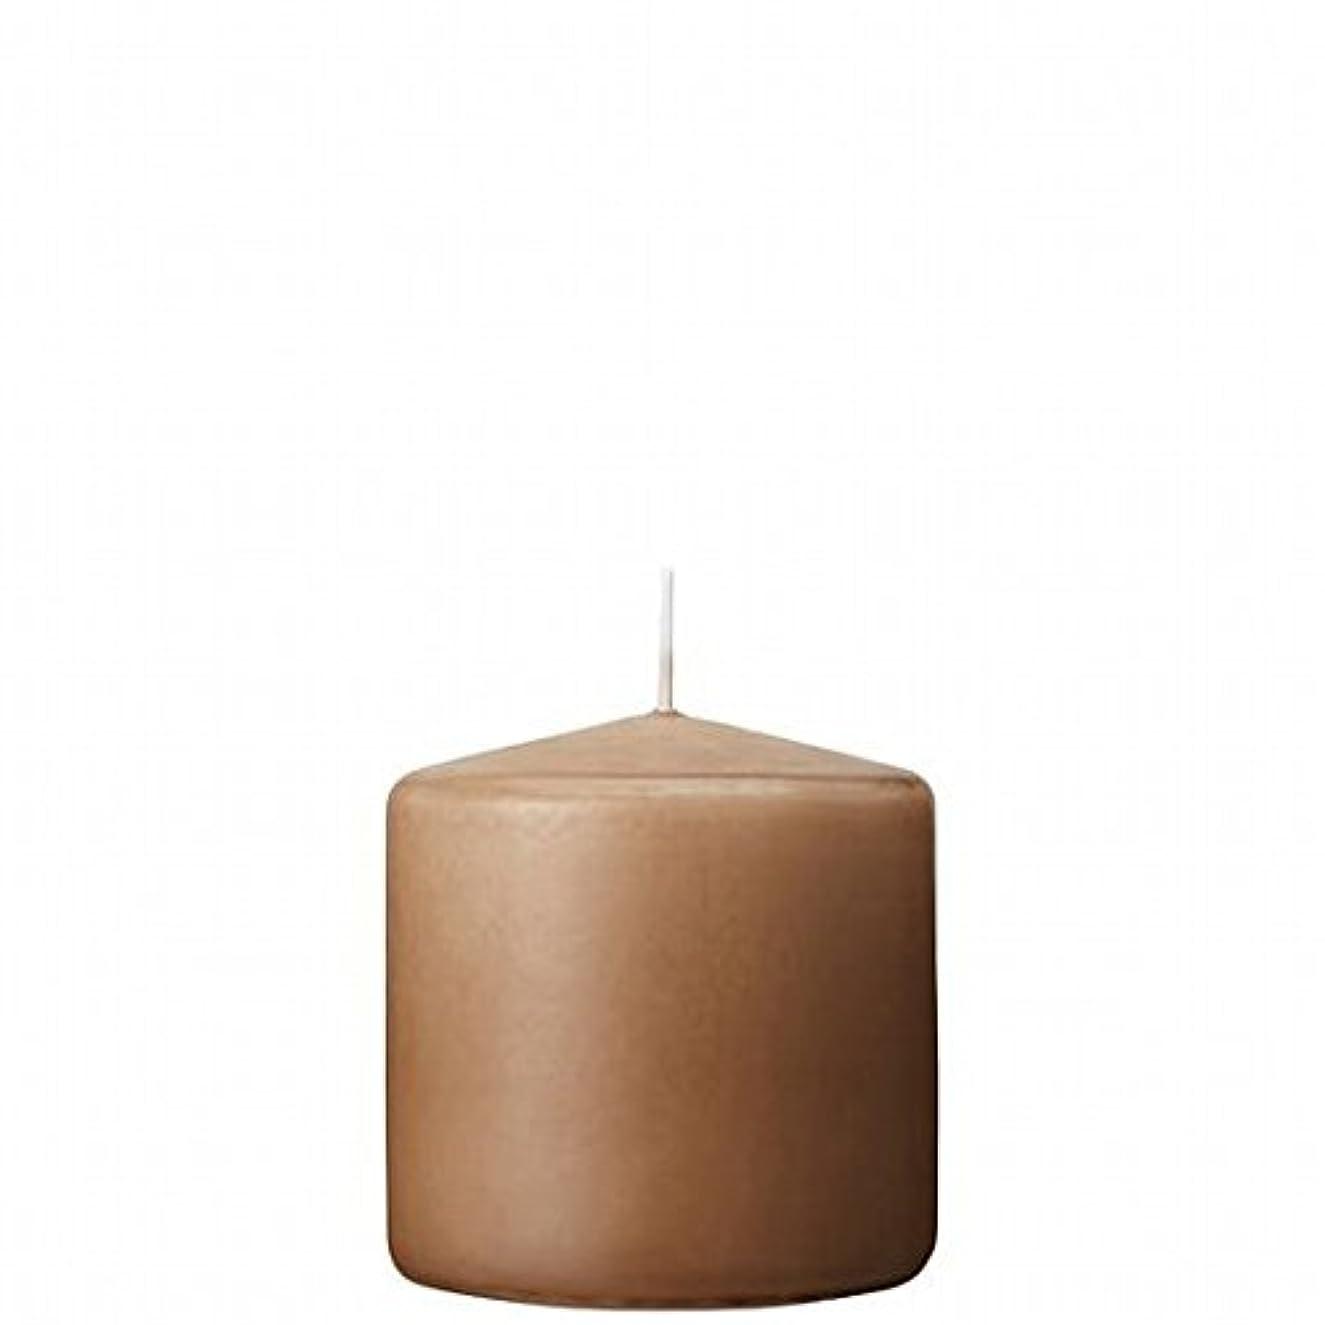 独立して火傷バッジkameyama candle(カメヤマキャンドル) 3×3ベルトップピラーキャンドル 「 モカ 」(A9730000MO)